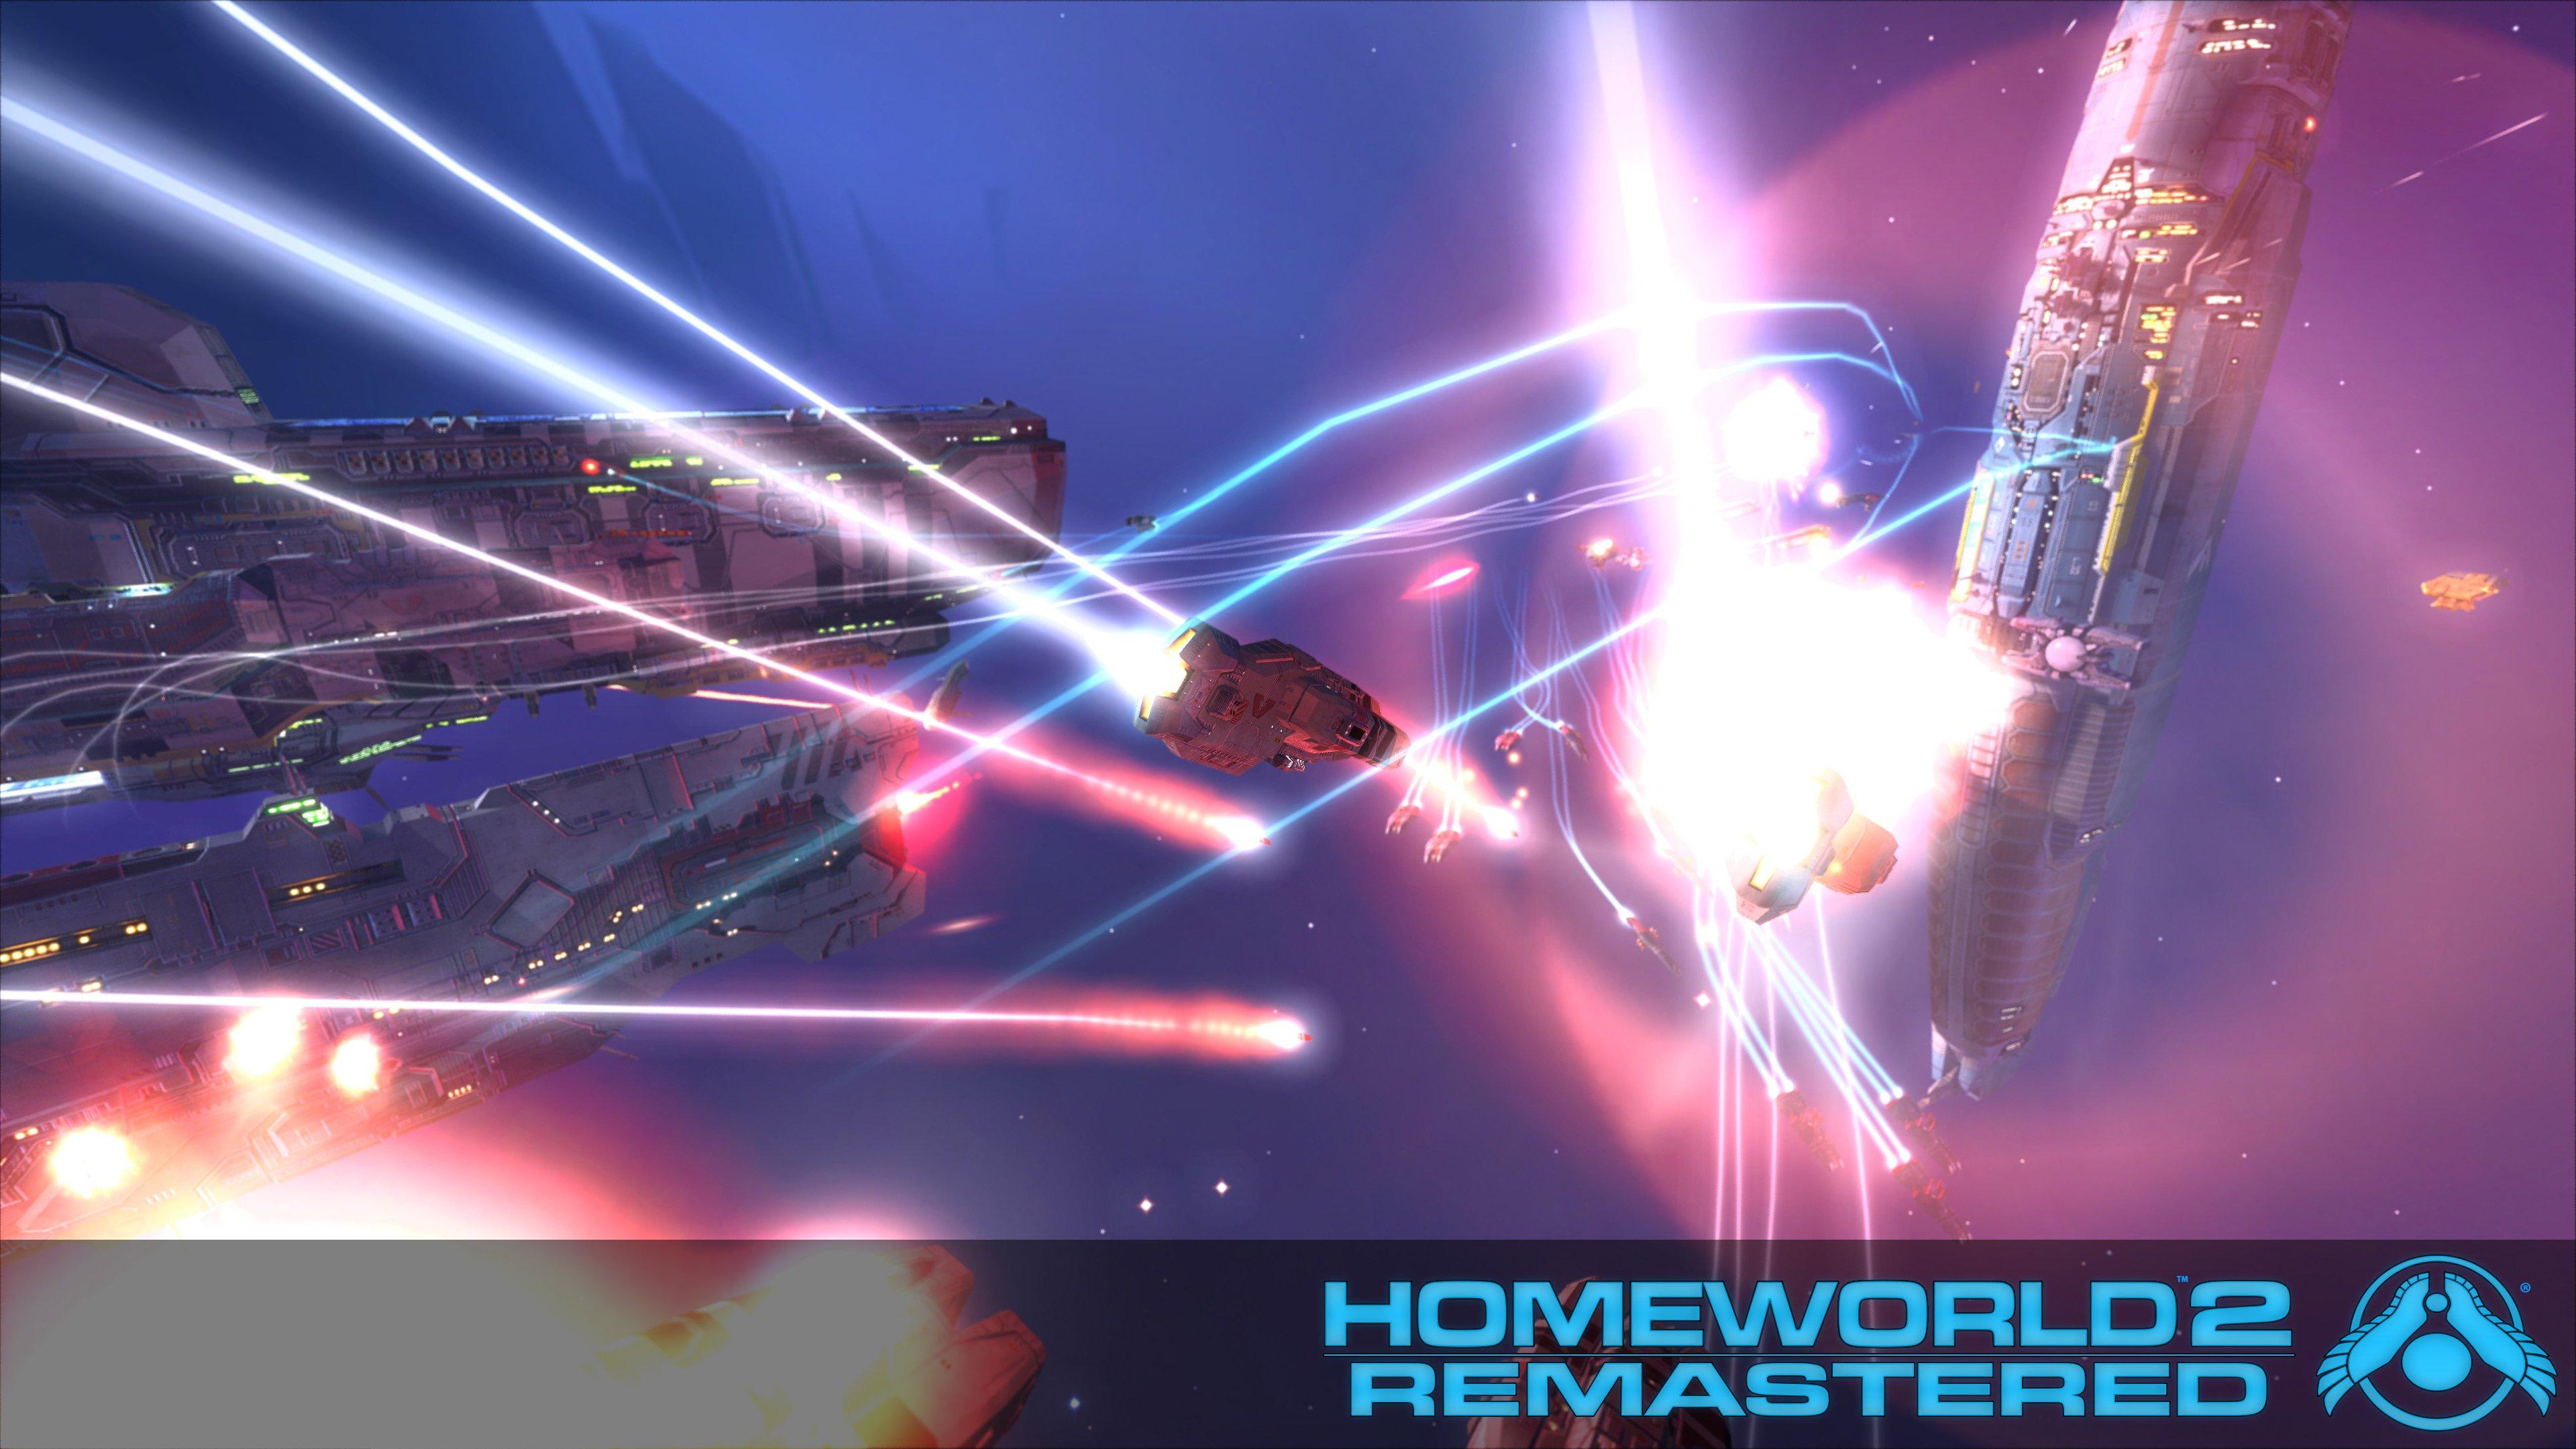 homeworld remastered download